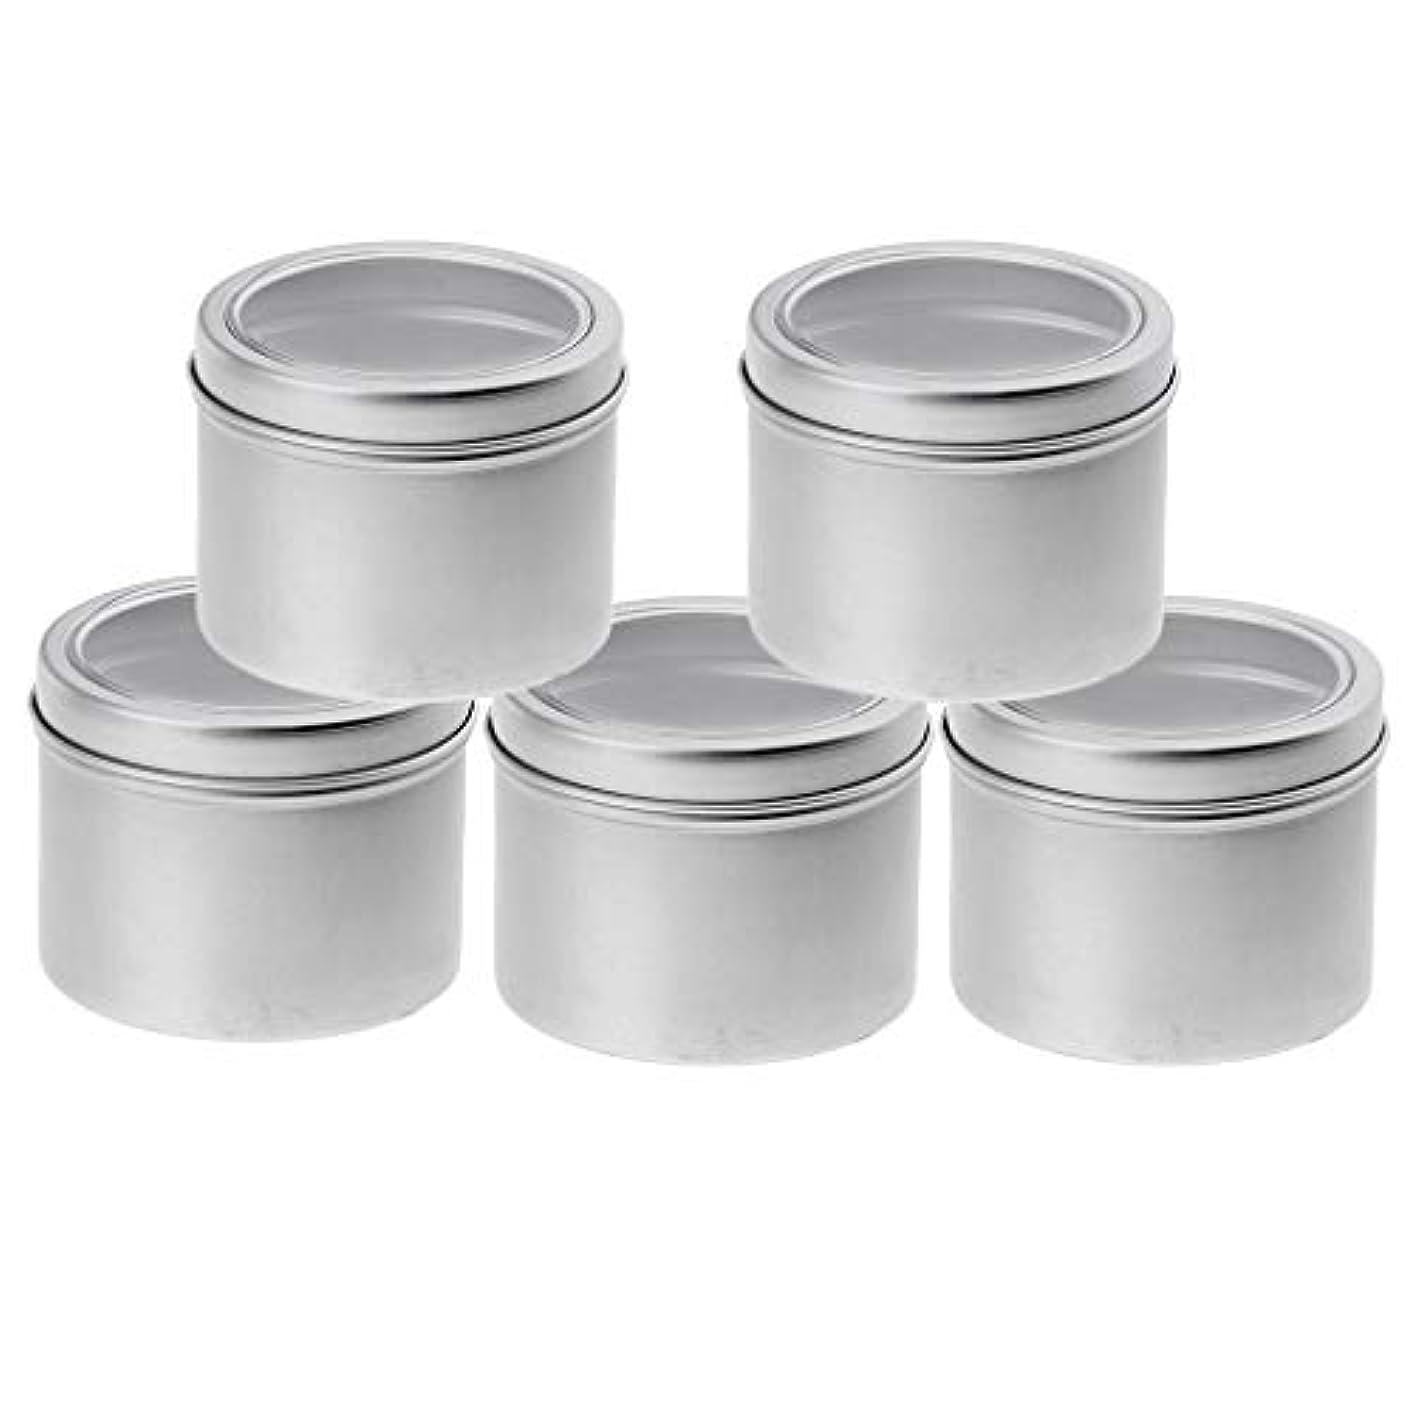 ペンスルーキーパースIPOTCH 5個セット 100ml アルミ缶 小分け容器 詰め替え容器 クリームケース 化粧品 収納ボックス